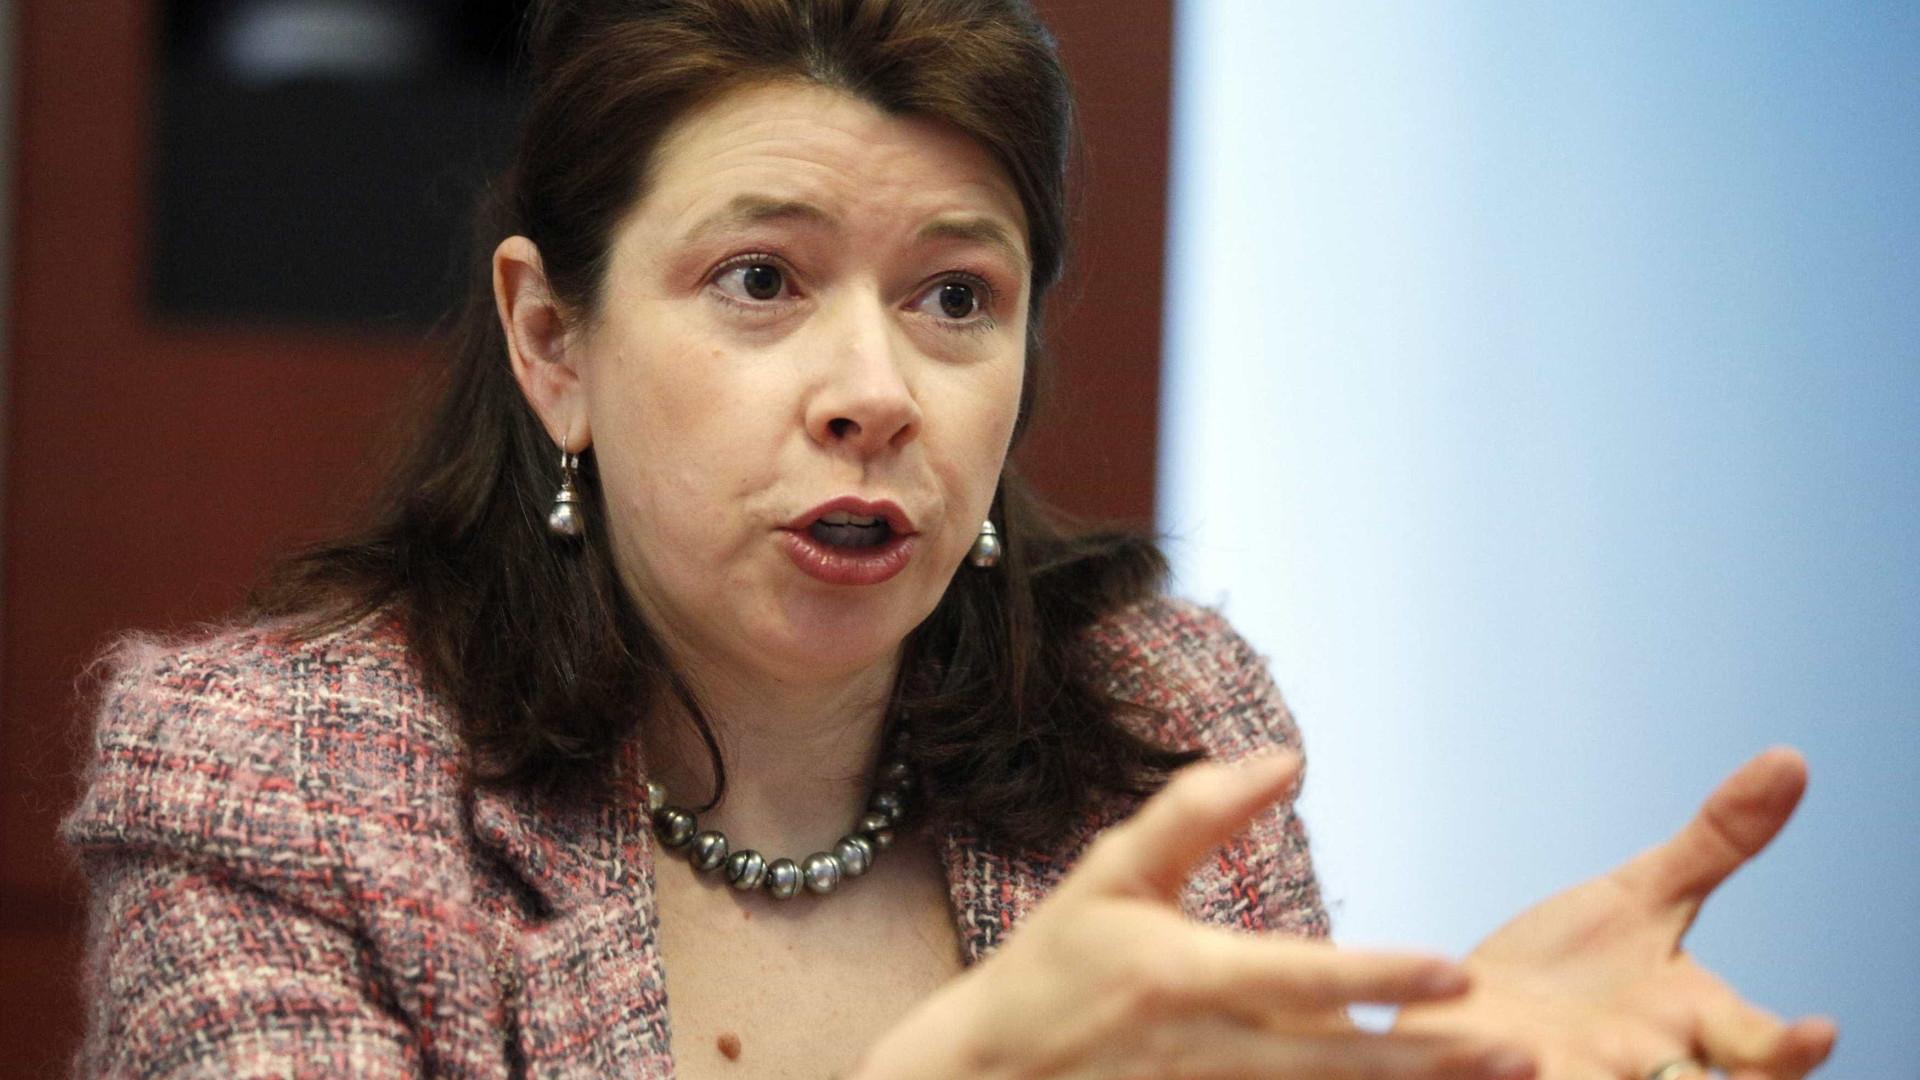 'Difícil aprovar a previdência em ano eleitoral', diz diretora da S&P